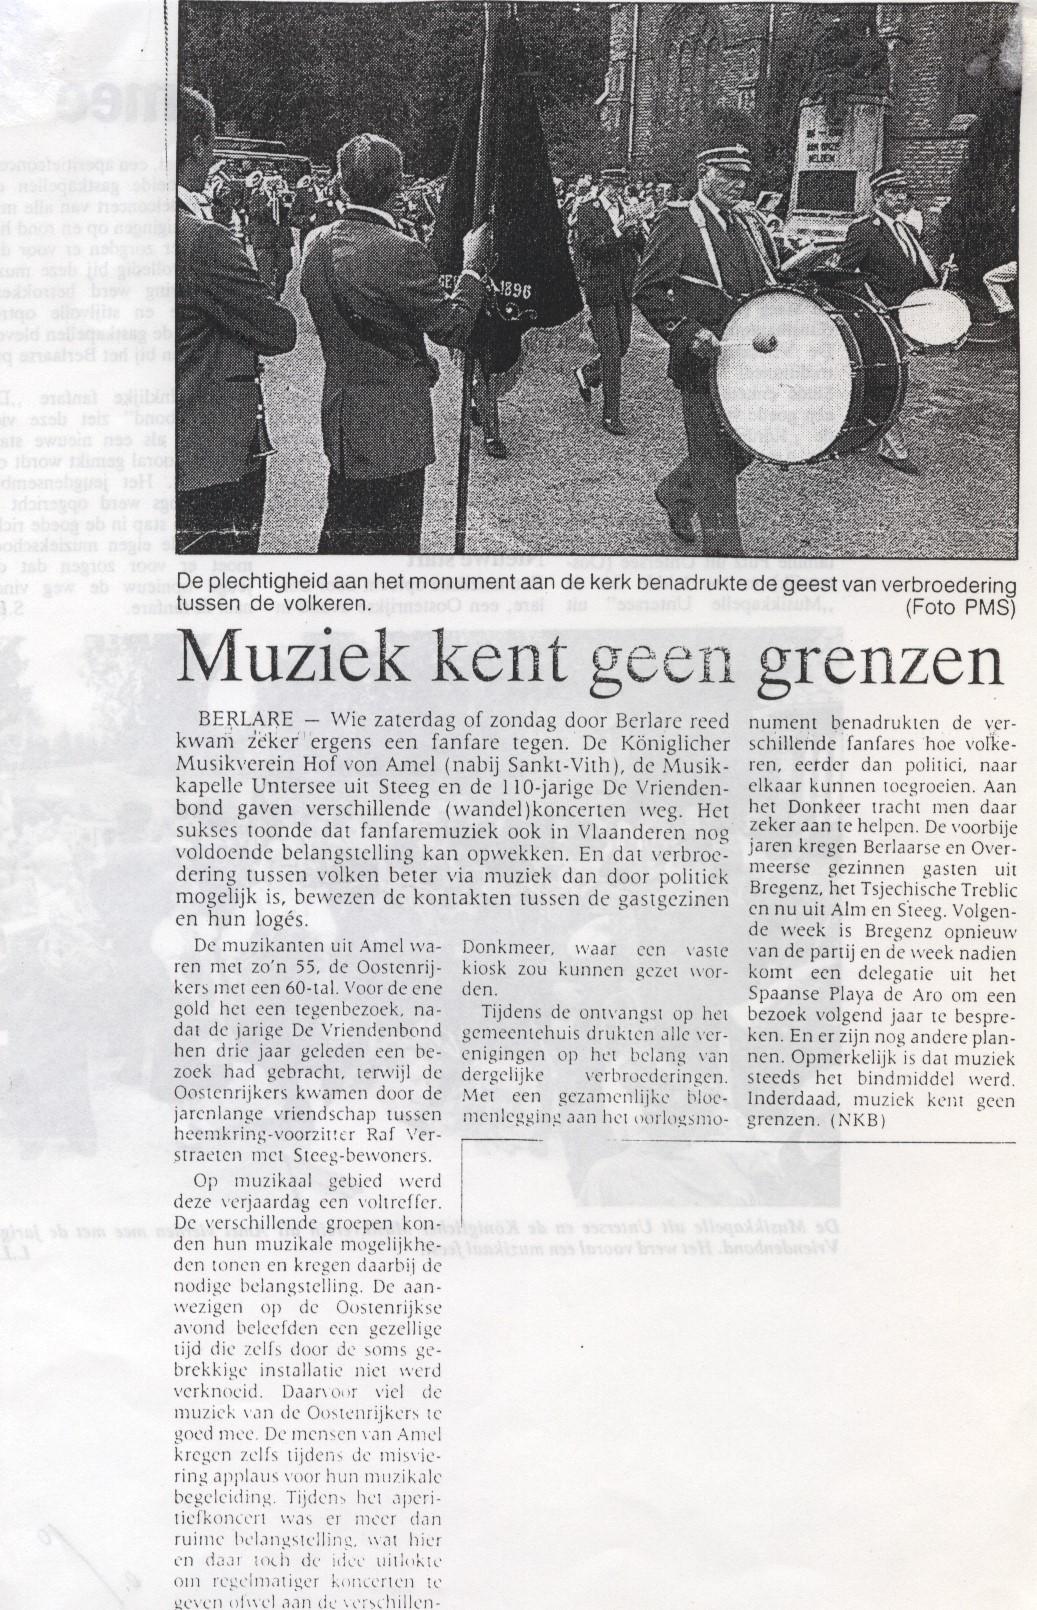 1989_Berlare_Belgien_35